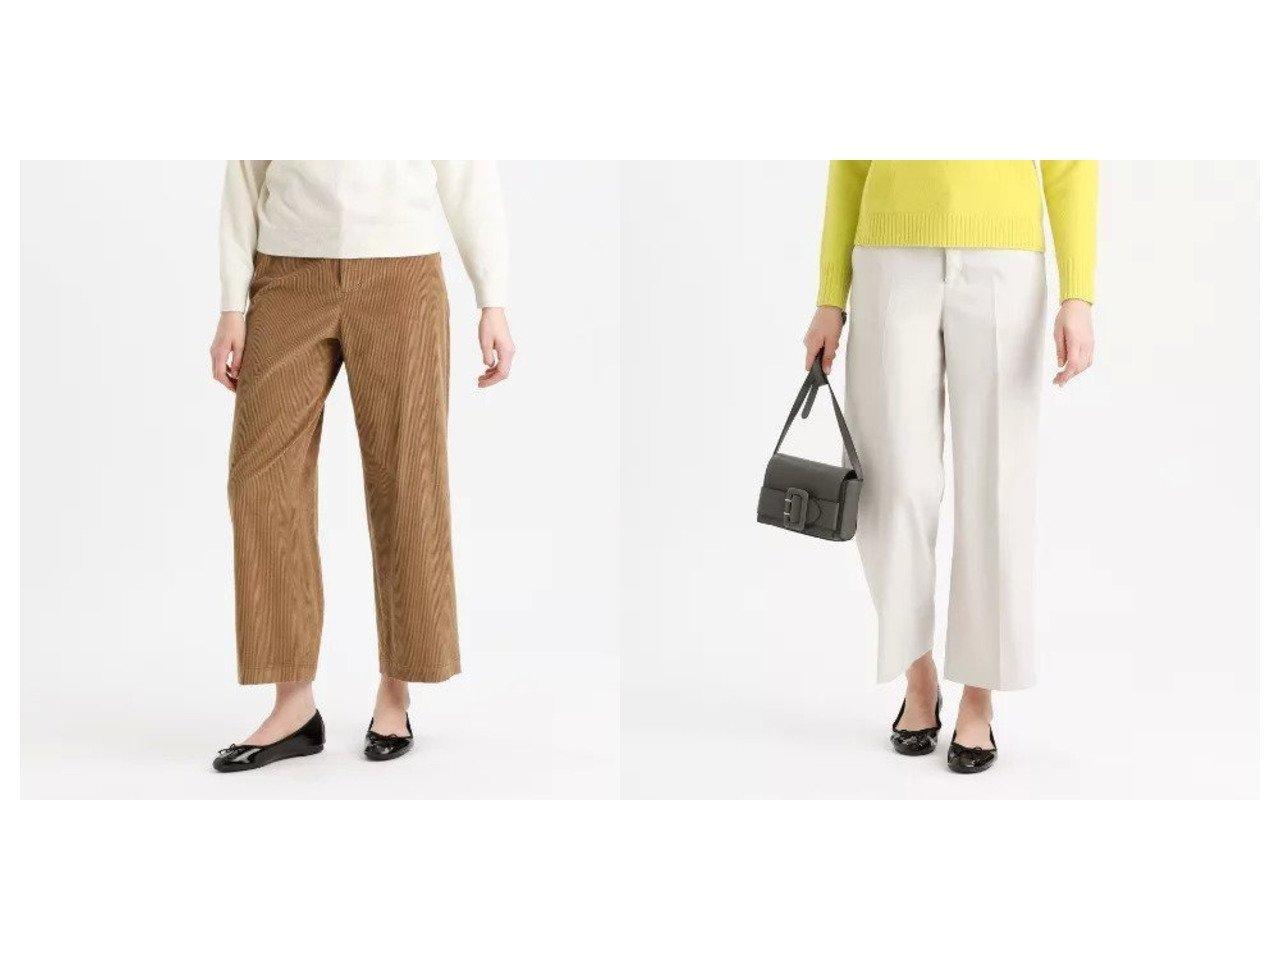 【MACKINTOSH PHILOSOPHY/マッキントッシュ フィロソフィー】のソフトサキソニーワイドパンツ&コーデュロイパンツ パンツのおすすめ!人気、レディースファッションの通販 おすすめで人気のファッション通販商品 インテリア・家具・キッズファッション・メンズファッション・レディースファッション・服の通販 founy(ファニー) https://founy.com/ ファッション Fashion レディース WOMEN パンツ Pants コーデュロイ トレンド ワイド ワッシャー ヴィンテージ 定番 |ID:crp329100000002622